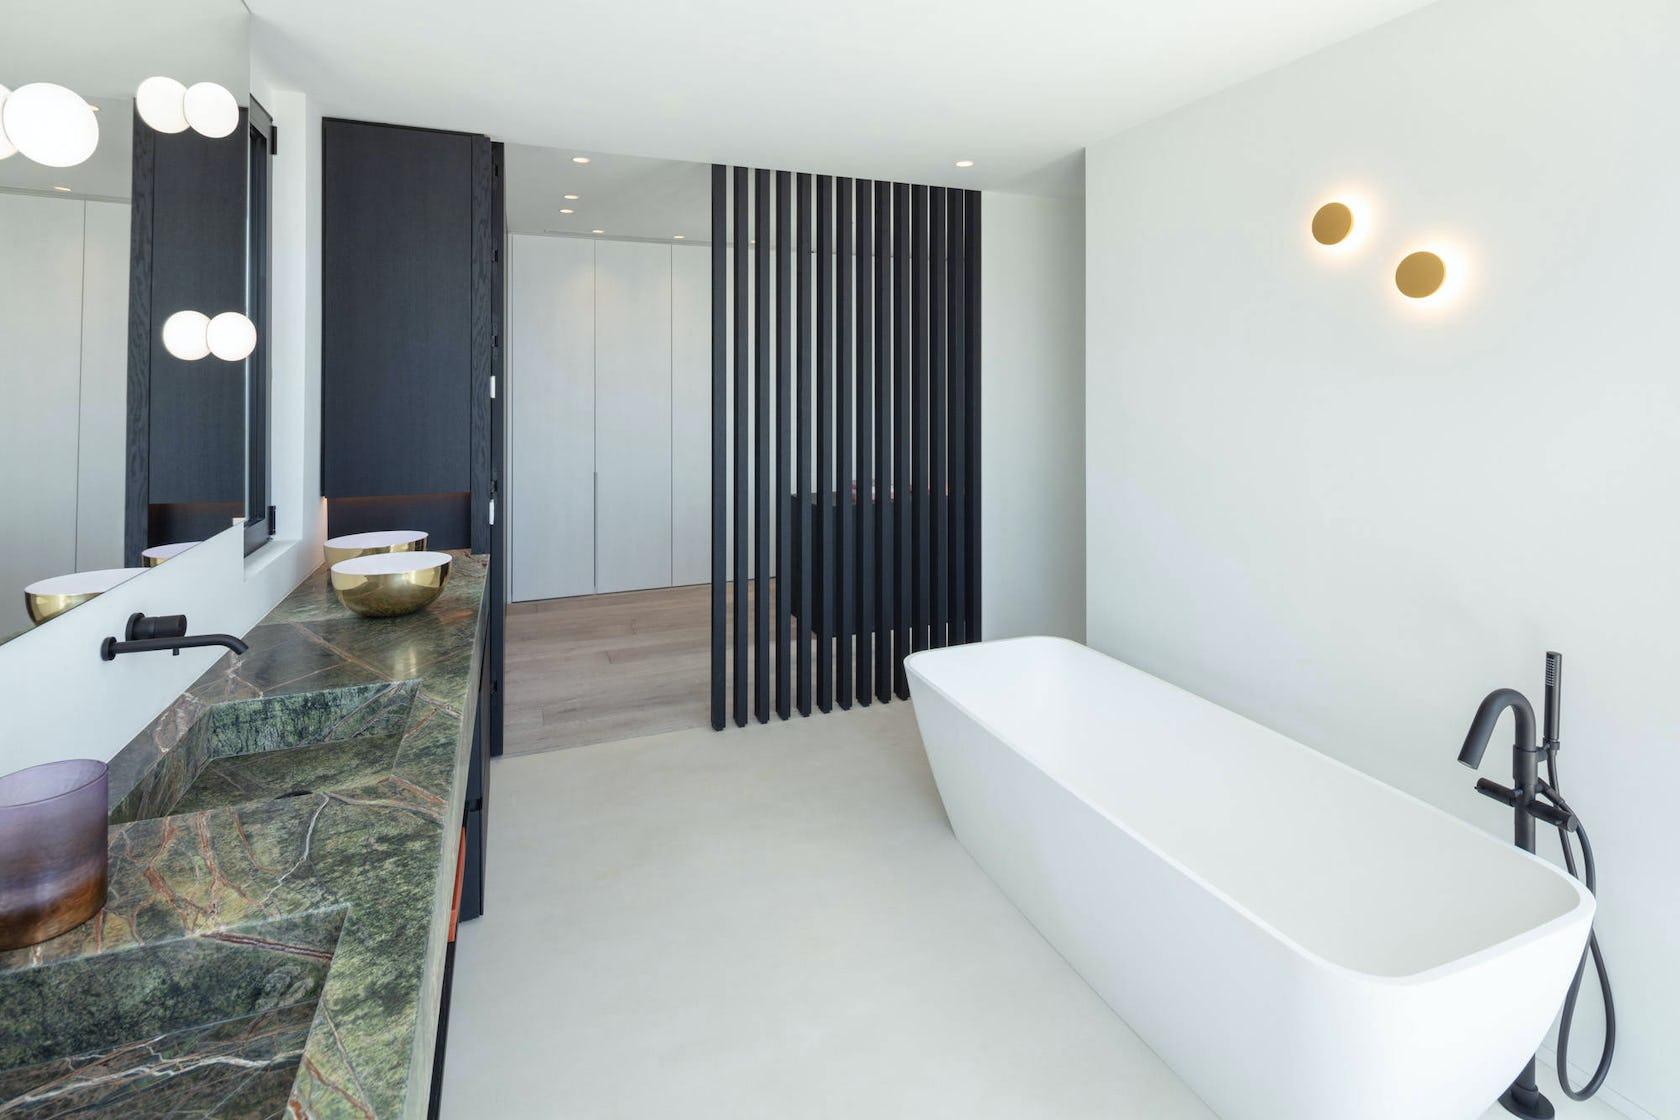 bathtub tub room indoors corner